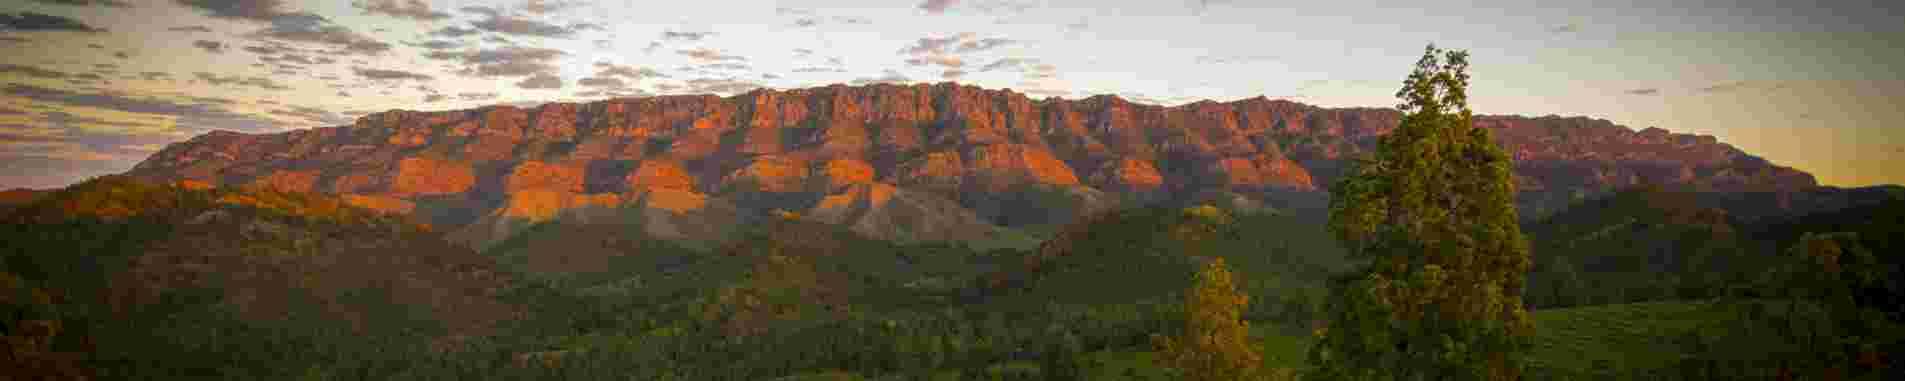 Flinders Ranges header image